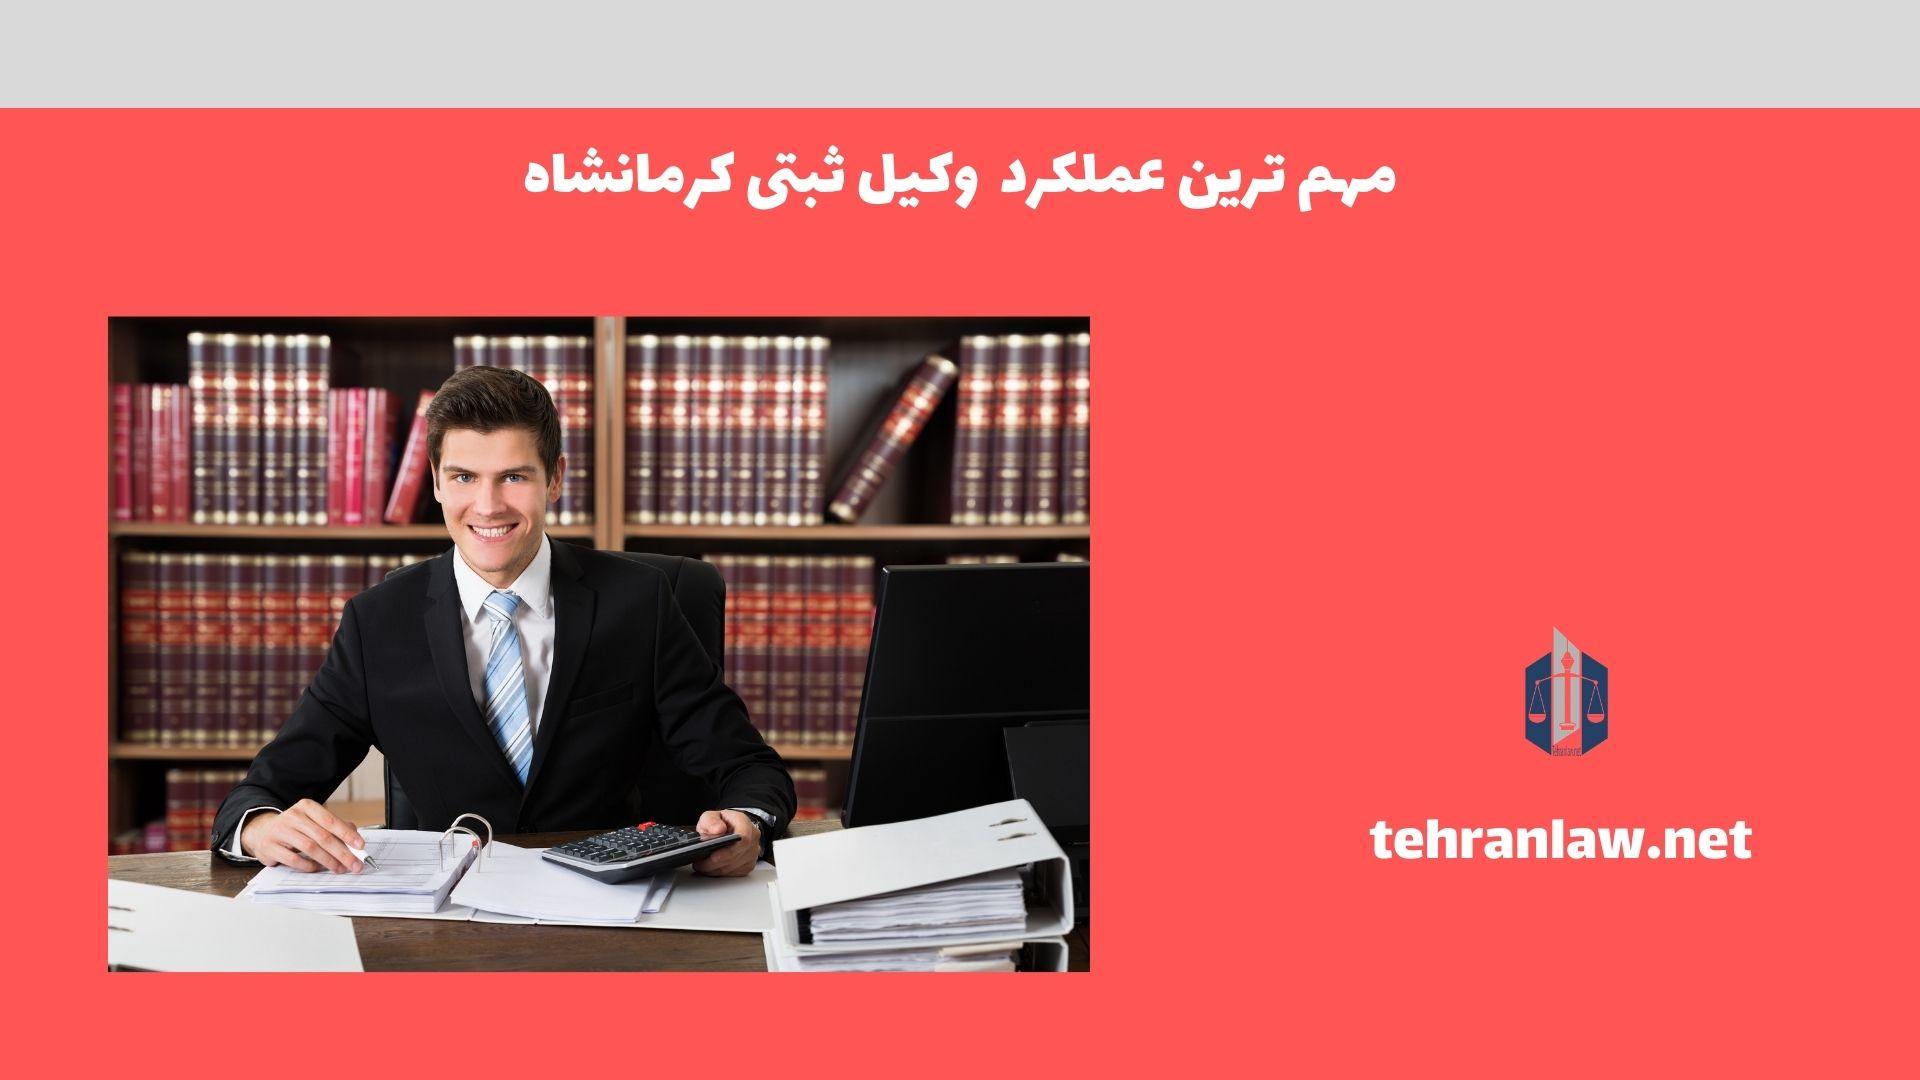 مهم ترین عملکرد وکیل ثبتی کرمانشاه